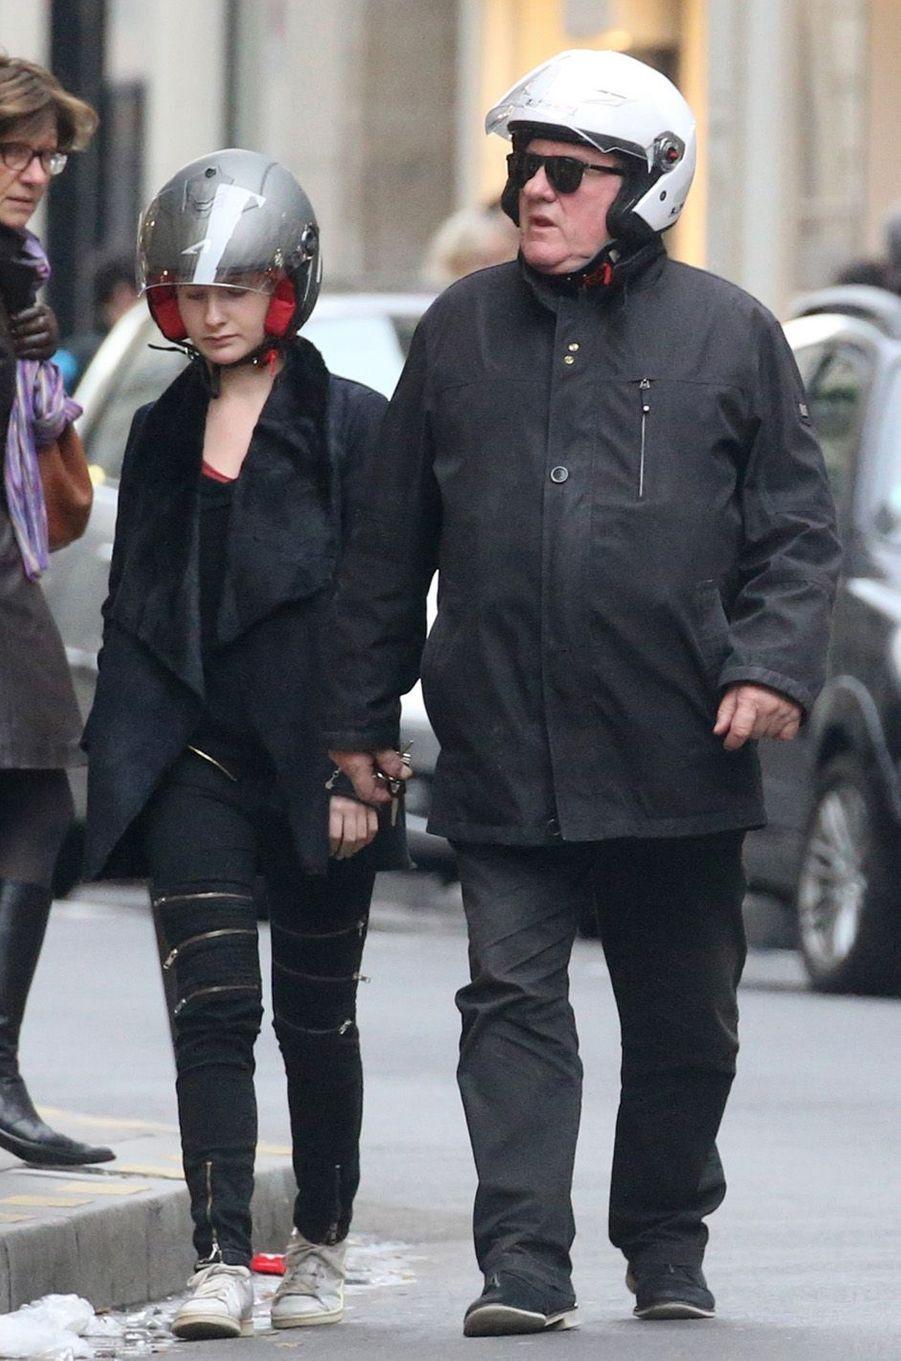 Le 19 décembre 2015 LOuise Depardieu et son grand père Gérad Depardieu se proménent dans les rues de Paris en scooter